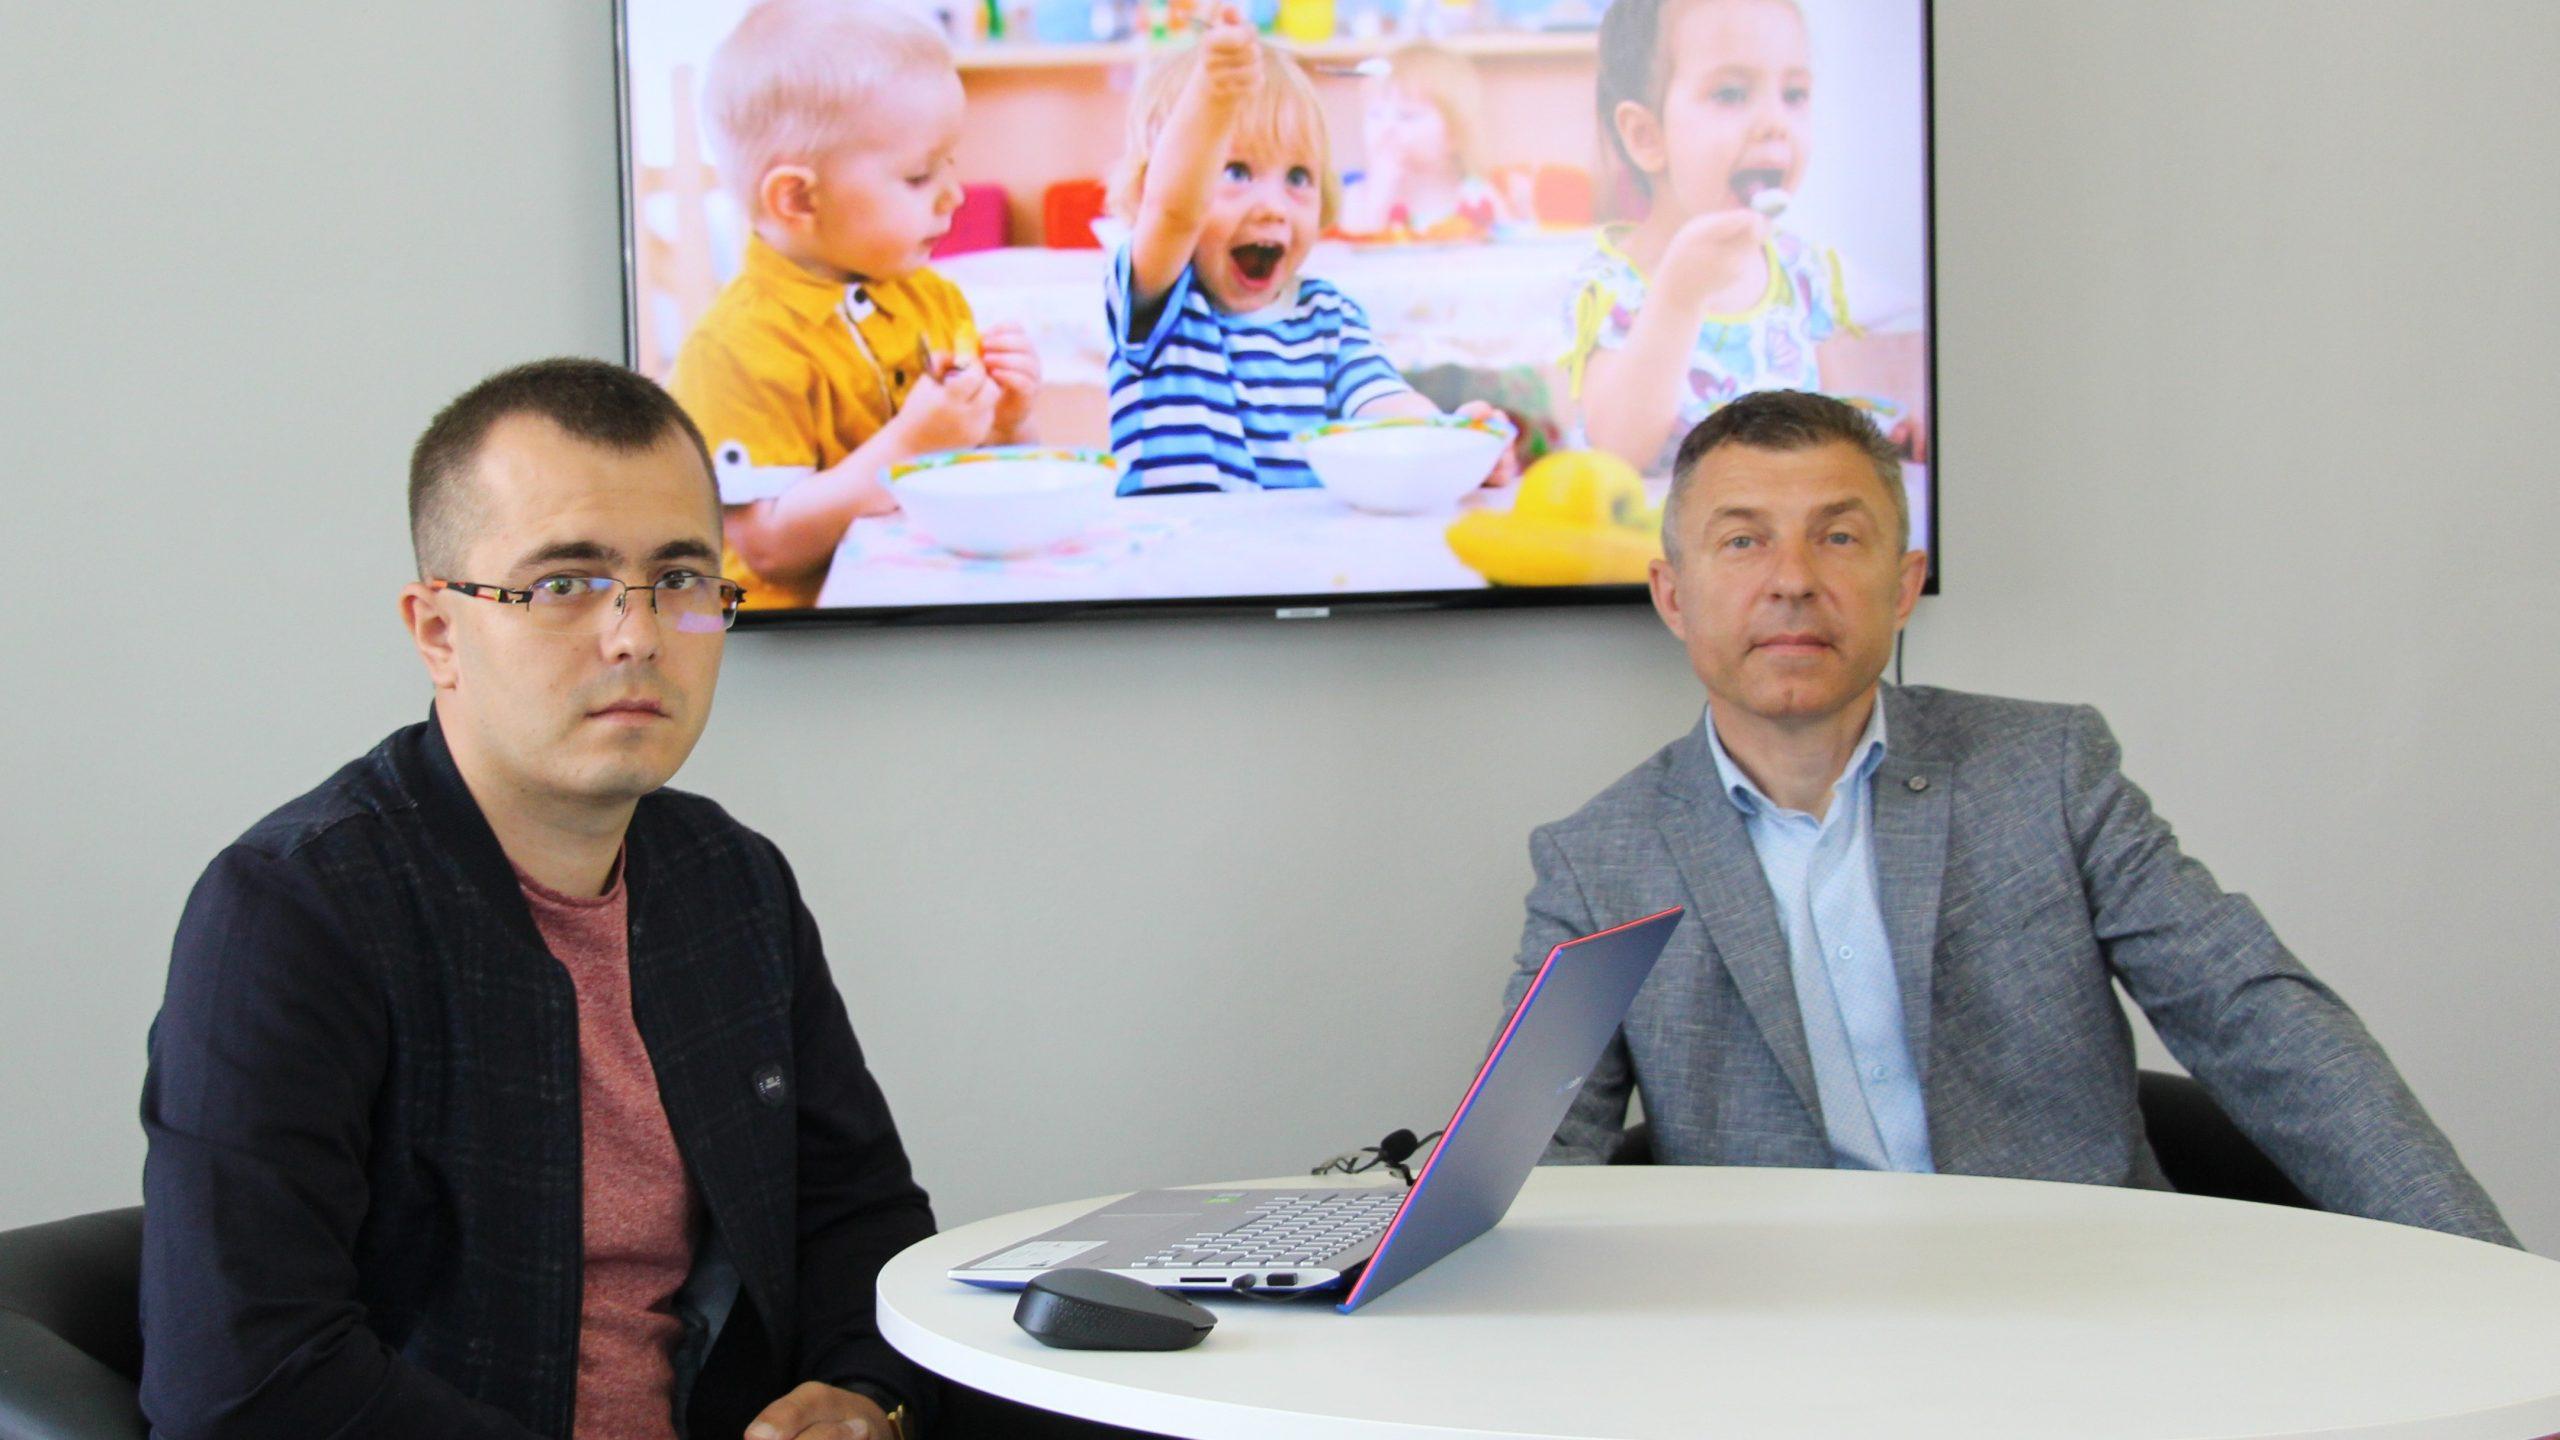 КМЦ «Дрогобич:». Початок роботи закладів дошкільної освіти після п'ятимісячного простою